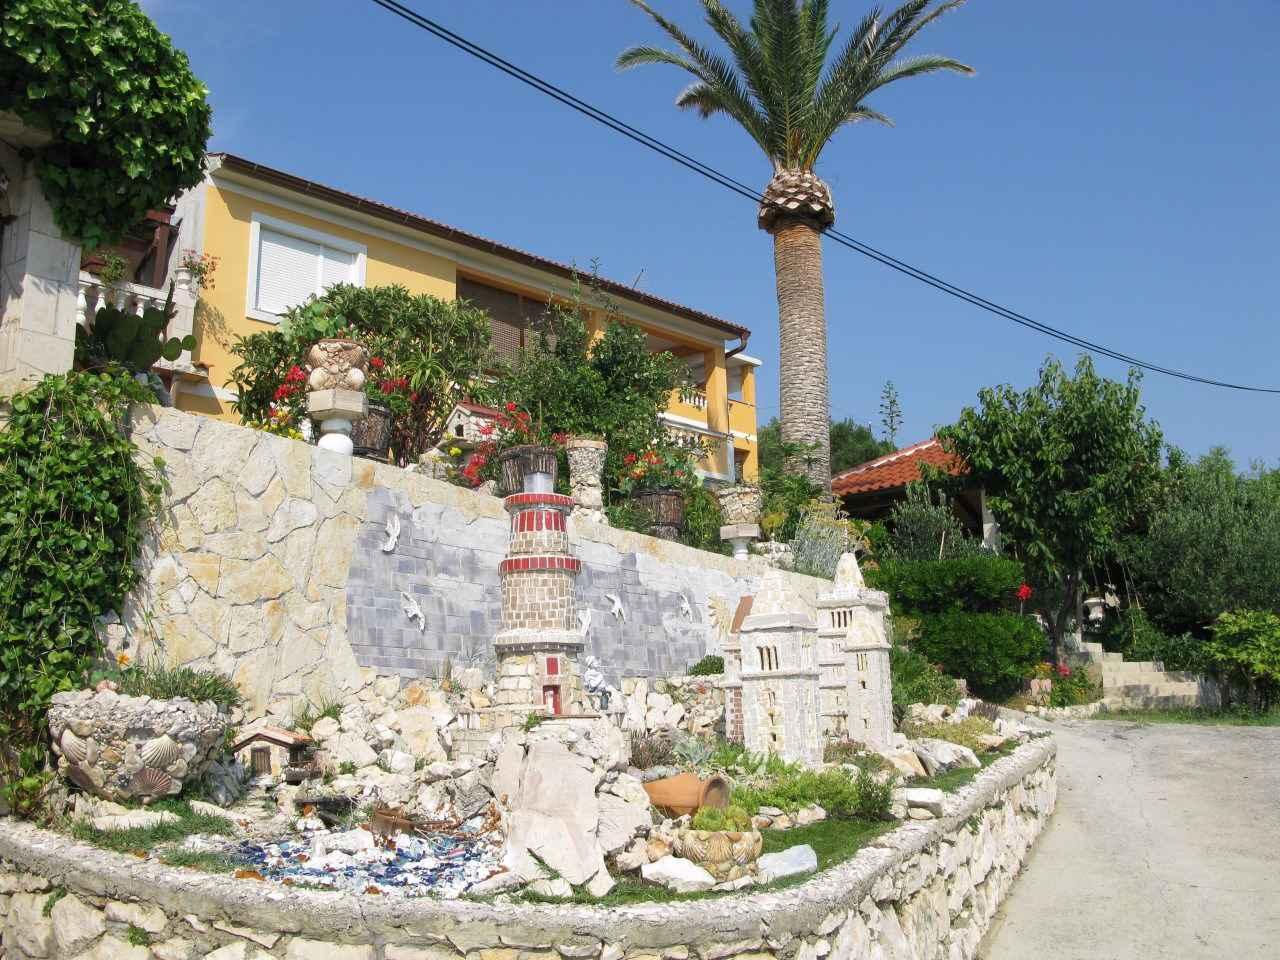 Ferienwohnung im Grünen mit Meerblick und 2 B  in Kroatien